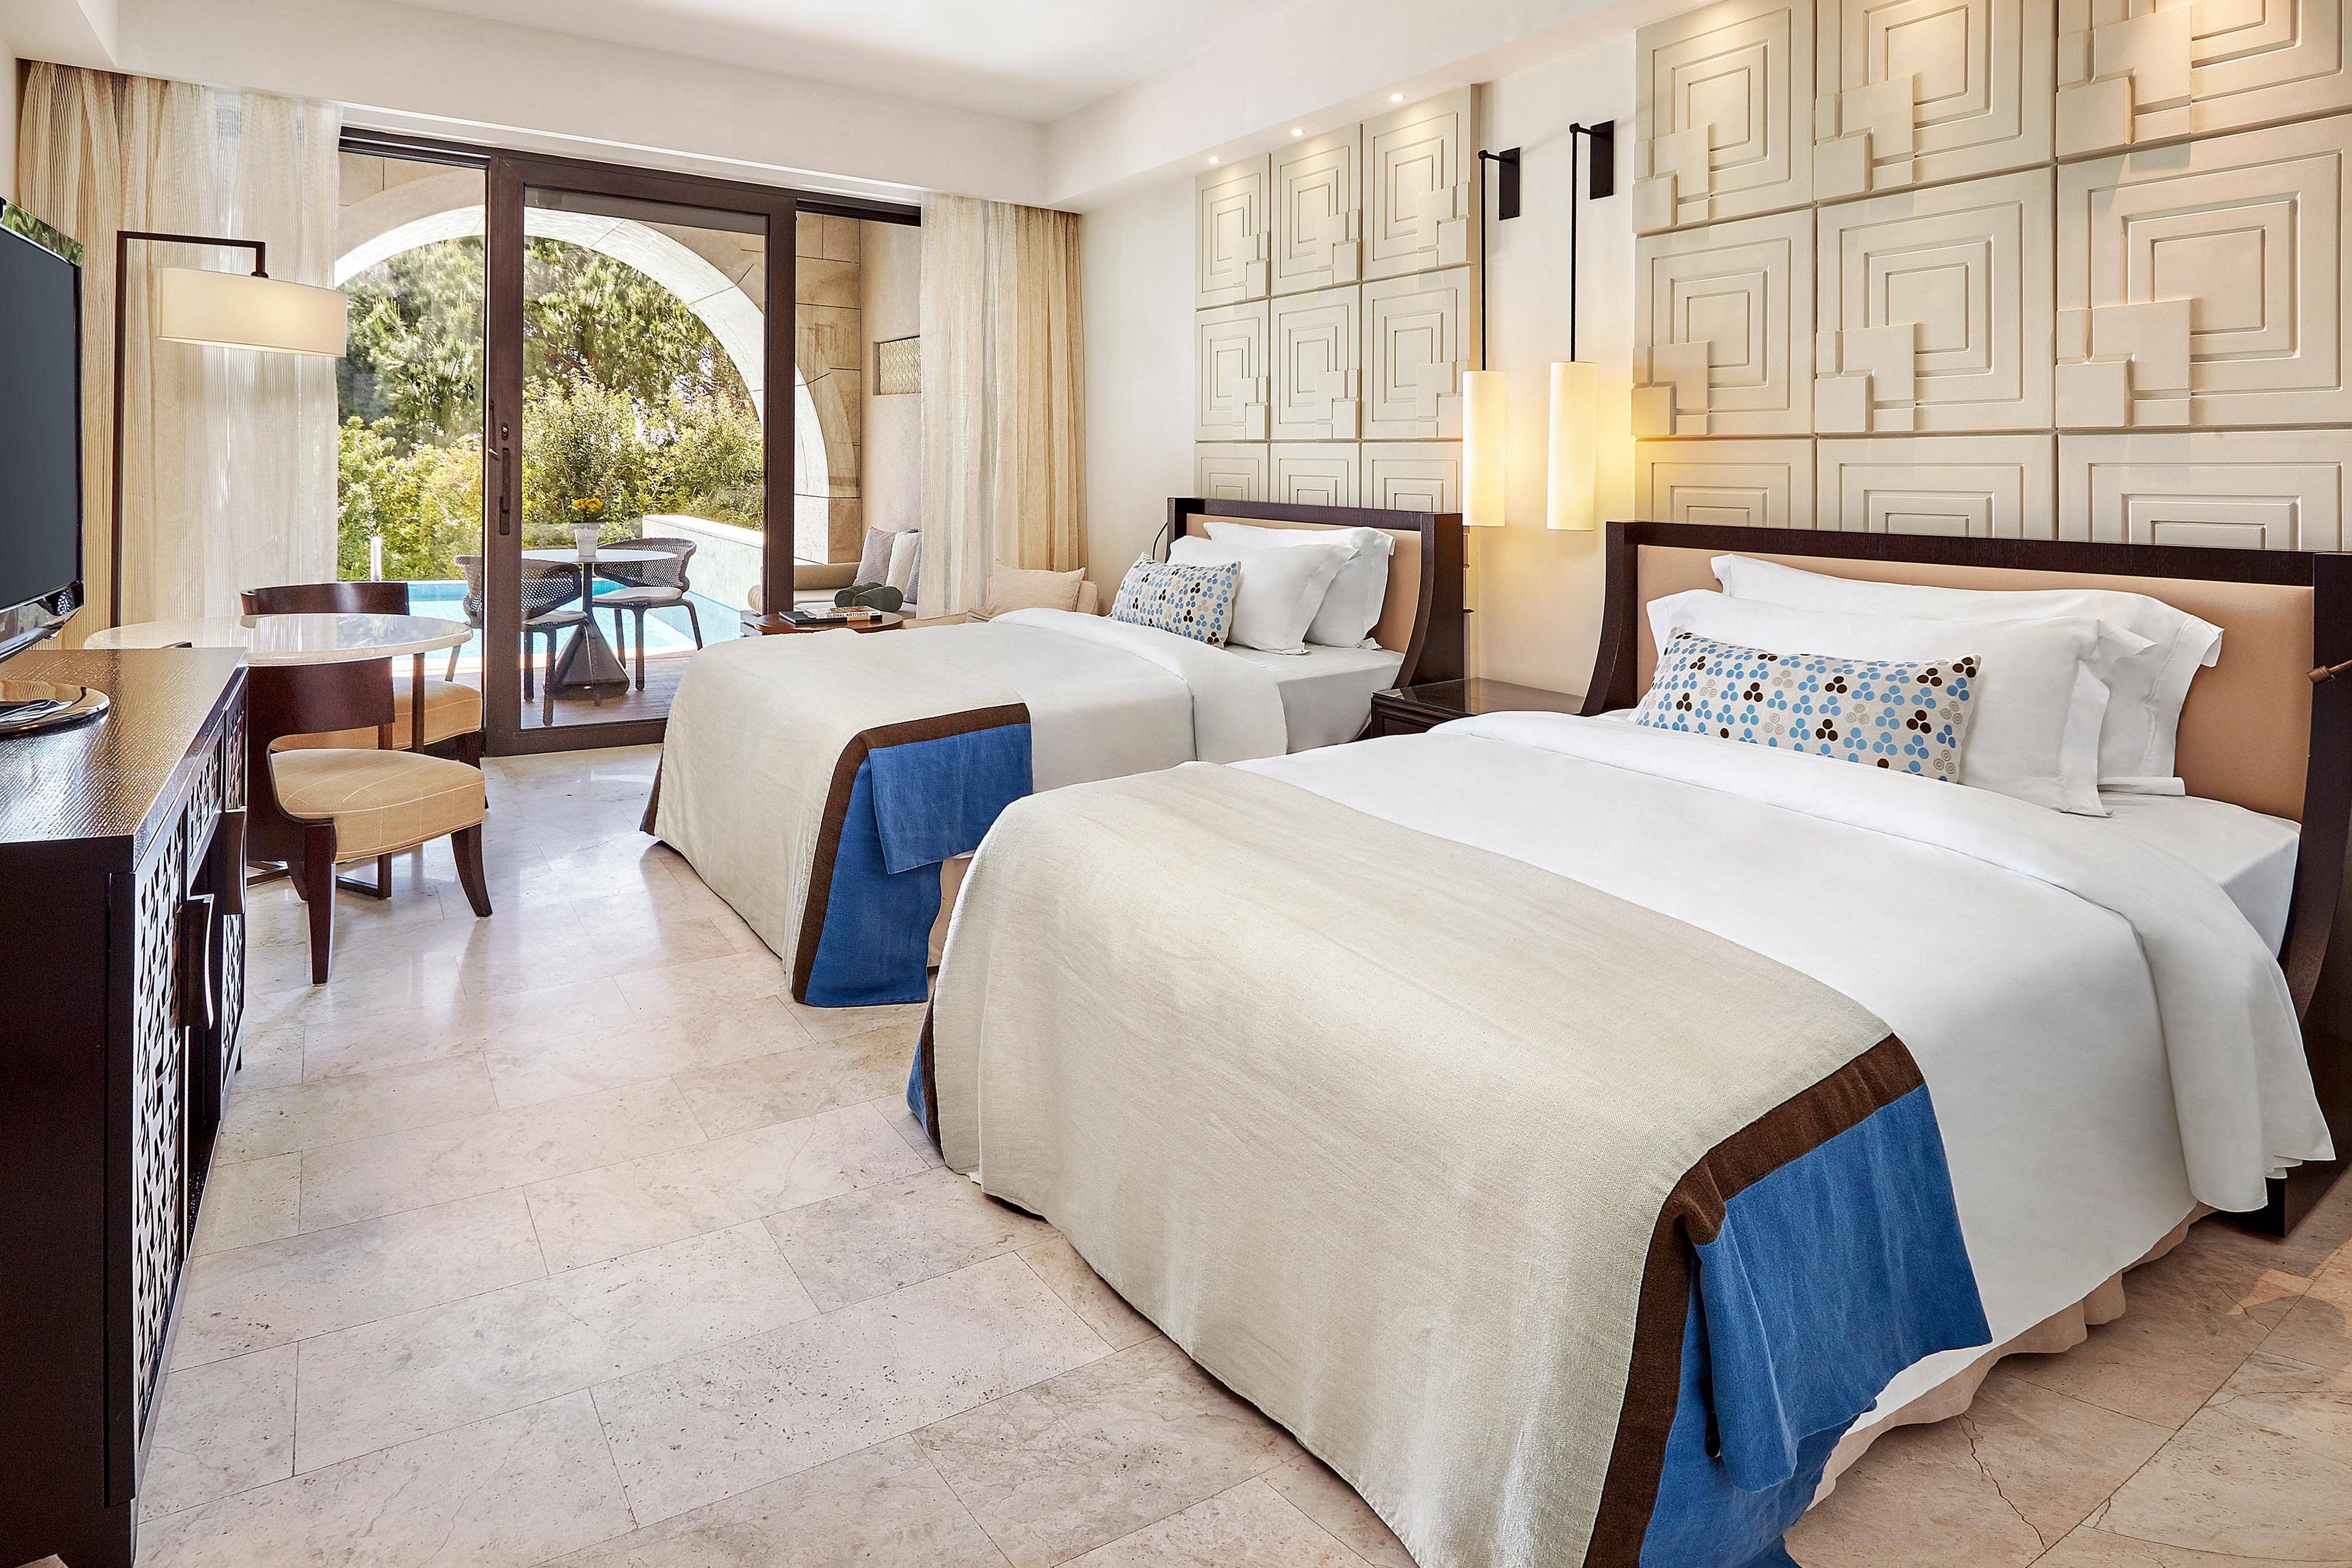 Номер с видом на сад, панорамным бассейном и 2 односпальными кроватями